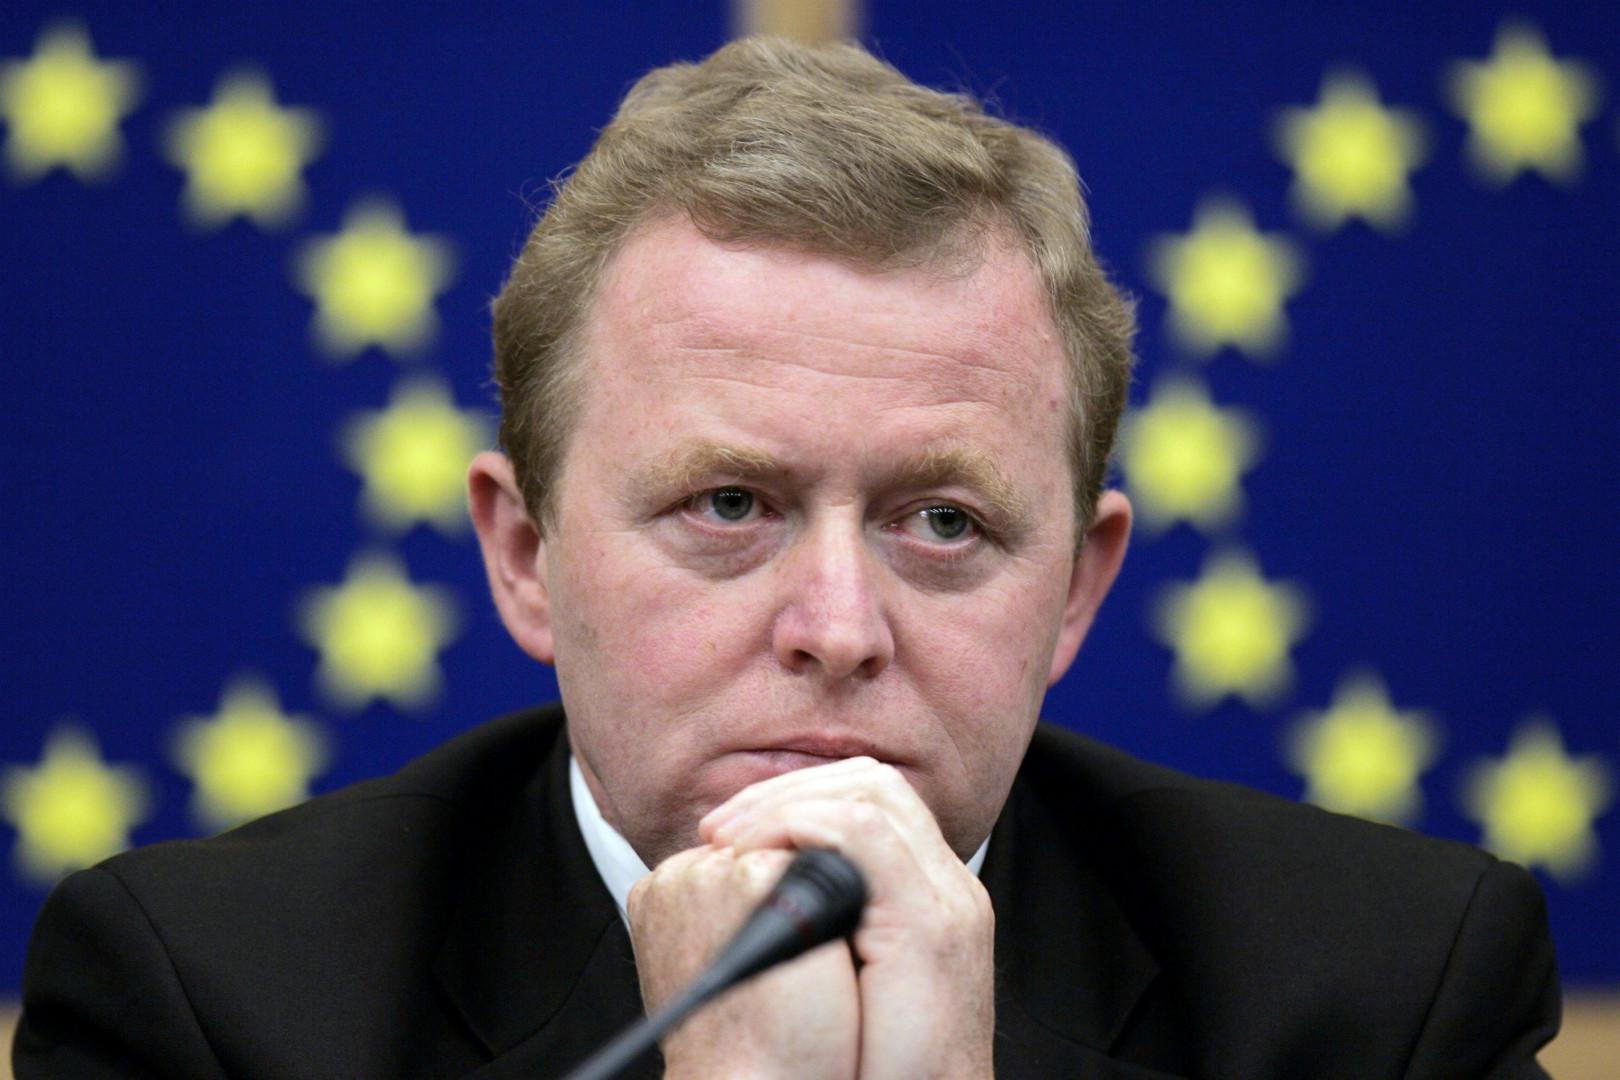 Le conservateur polonais Janusz Wojciechowski est chargé de l'agriculture